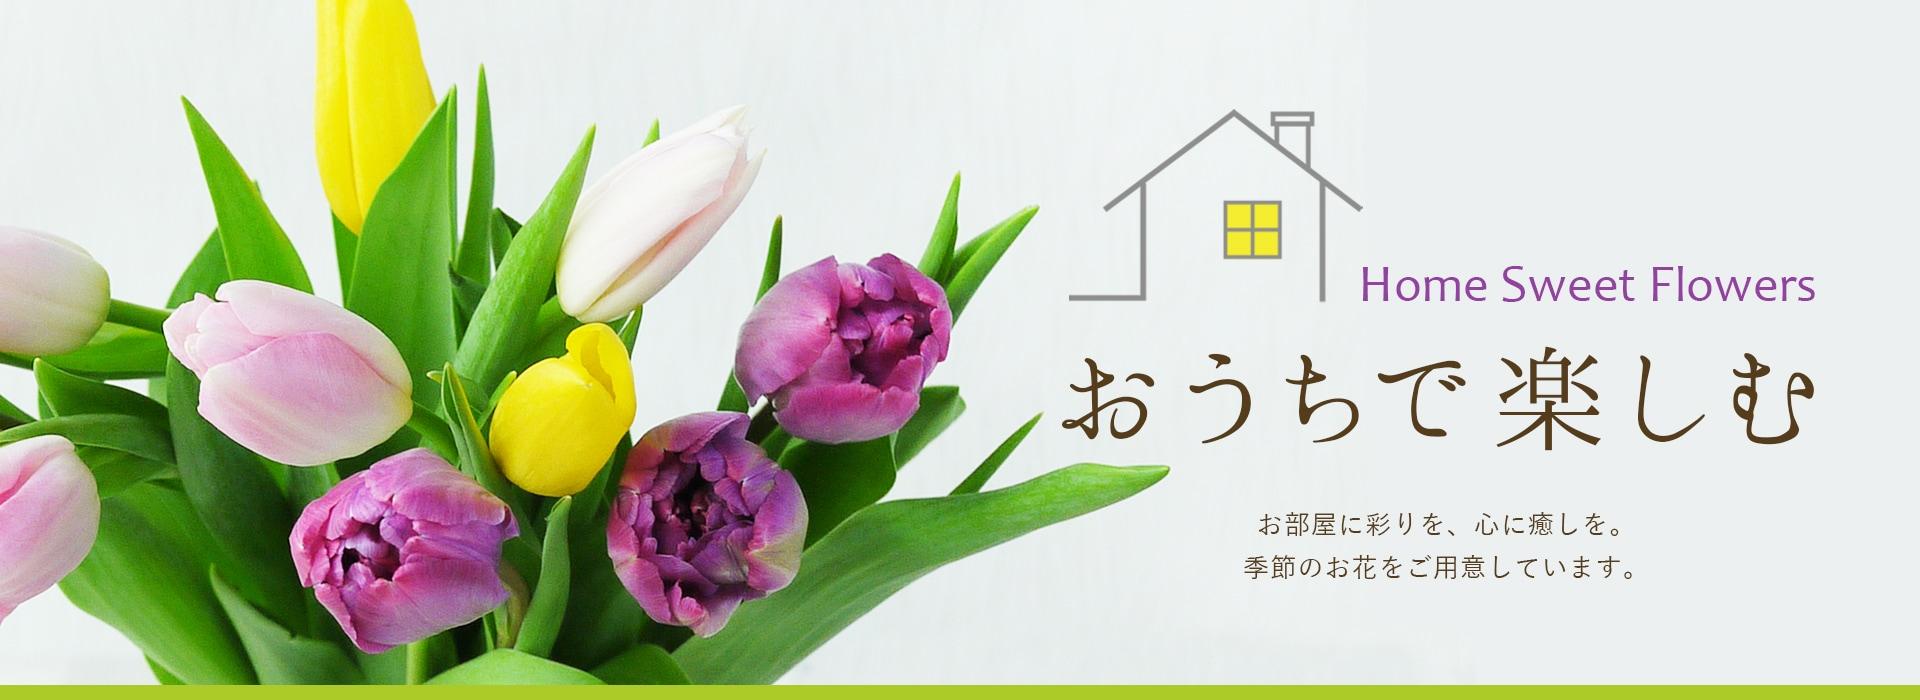 ご自宅用,季節のお花,ワンハンドブーケ